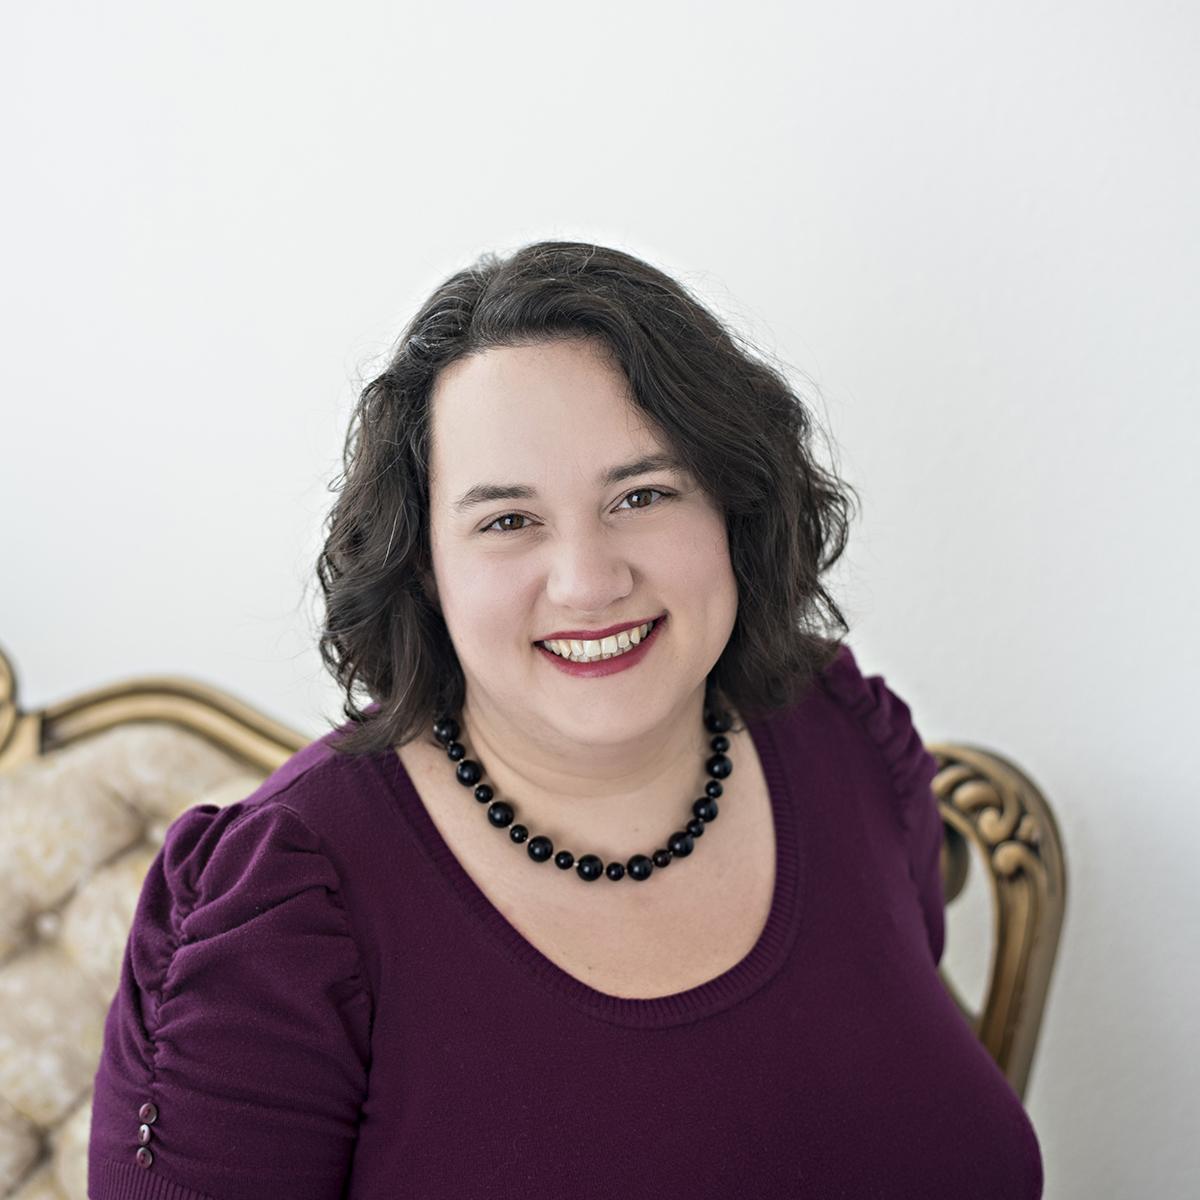 Denise Hendrick